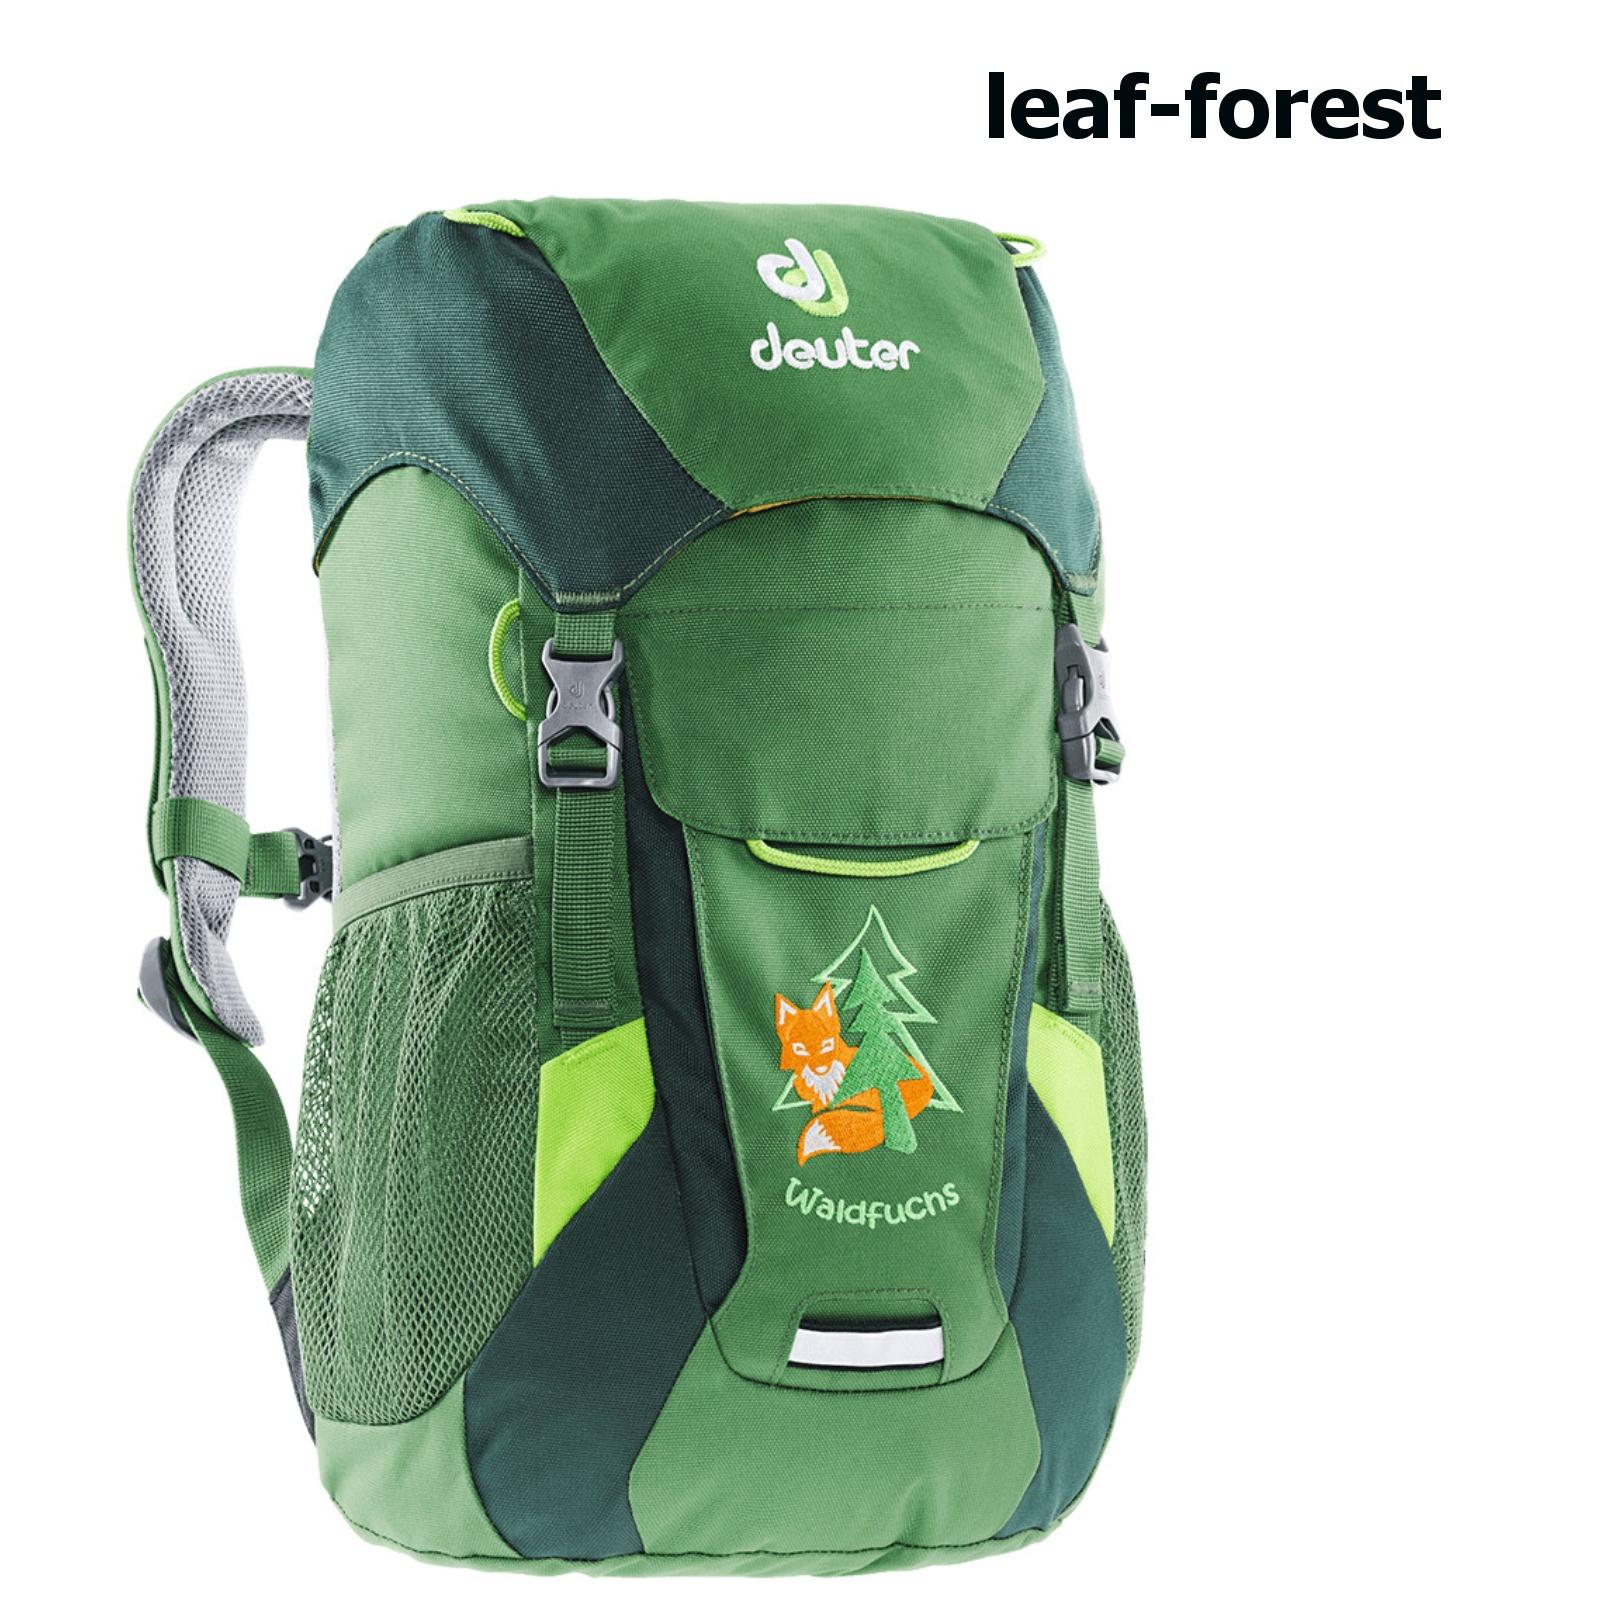 Deuter batoh Waldfuchs leaf forest